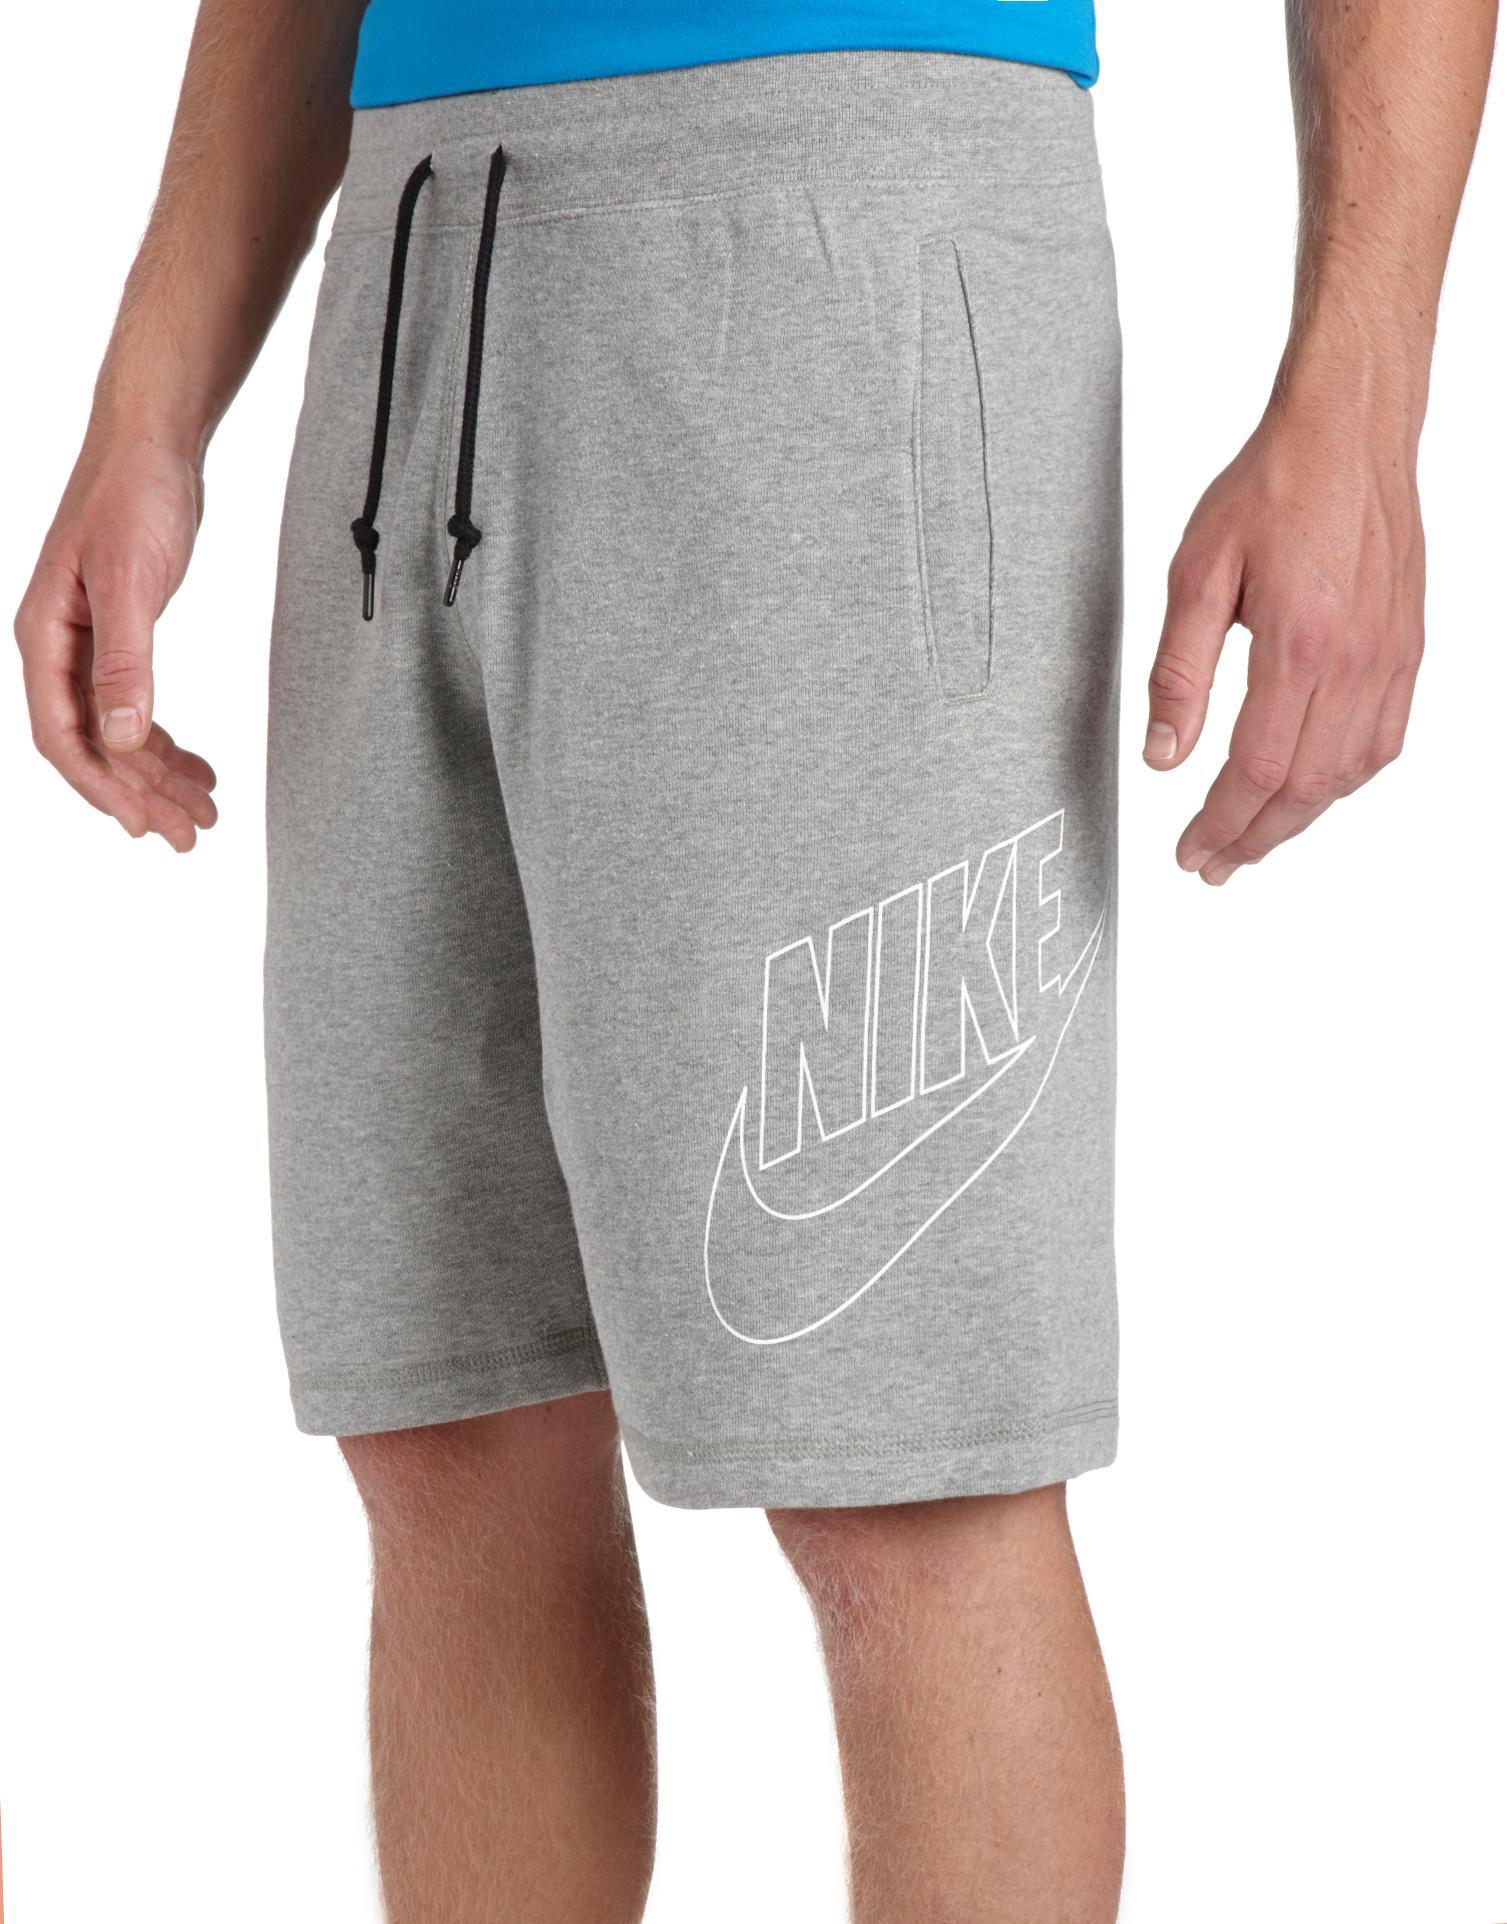 Short de sport Nike Crosstown XL/XXL